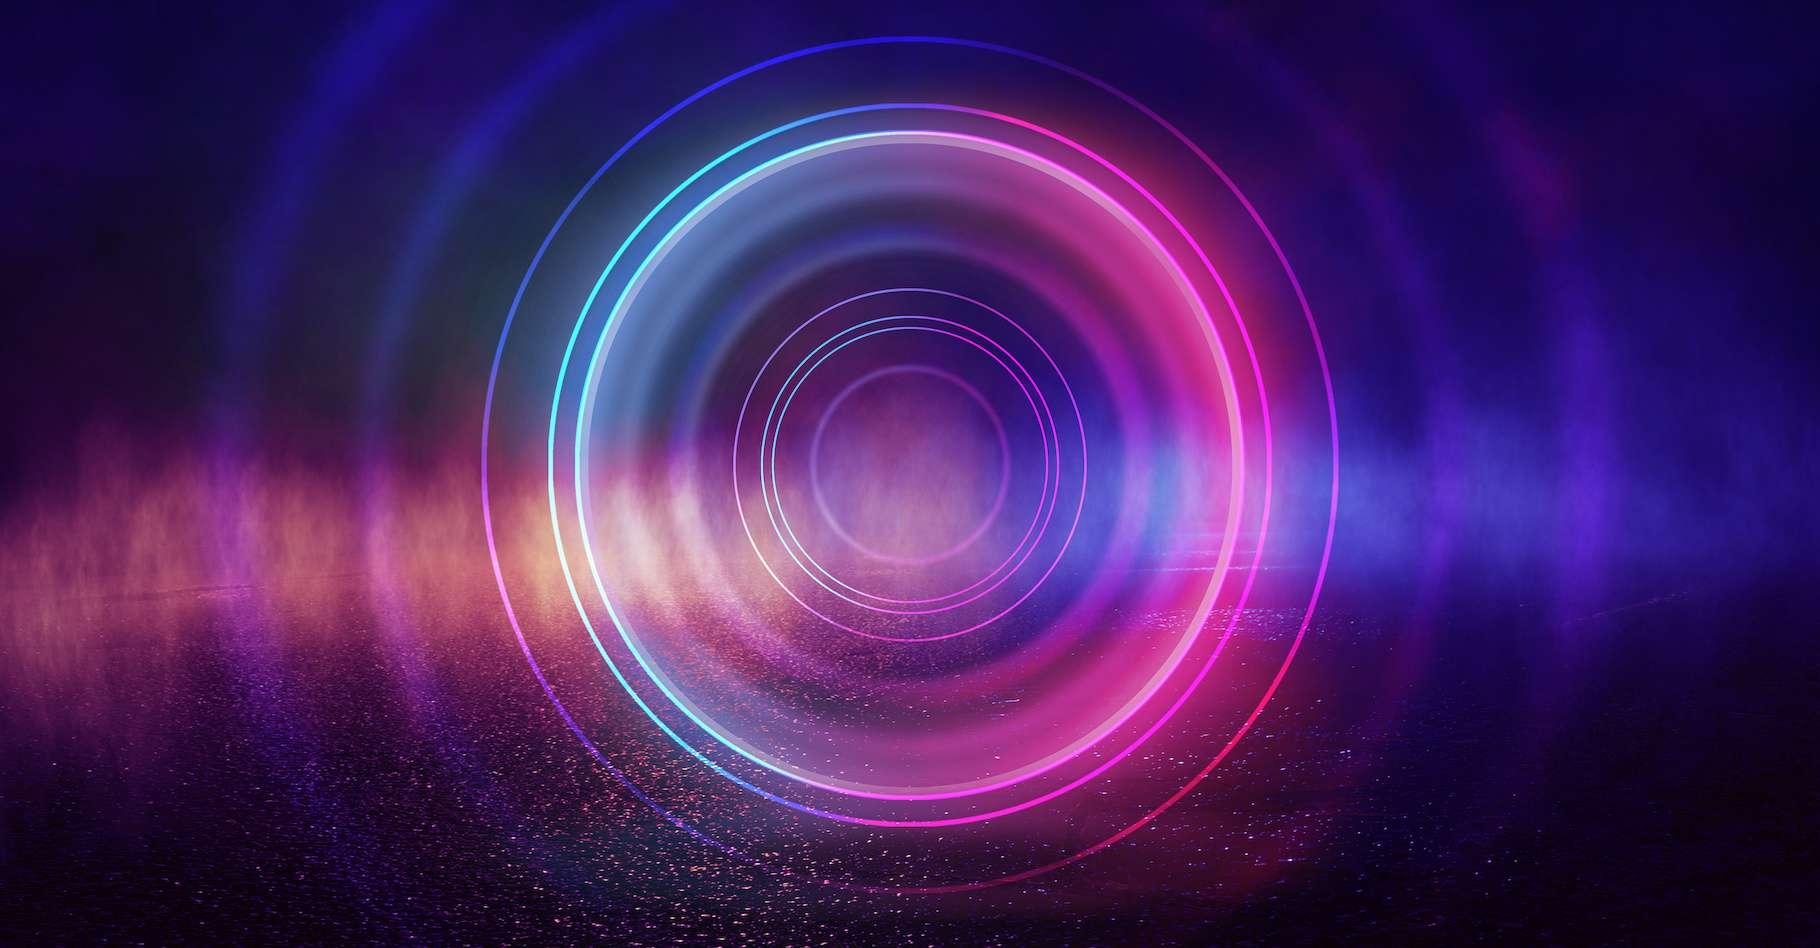 Des chercheurs ont découvert un nouvel « état » de la lumière qui pourrait servir à améliorer la transmission sécurisée de grandes quantités de données. © MiaStendal, Adobe Stock